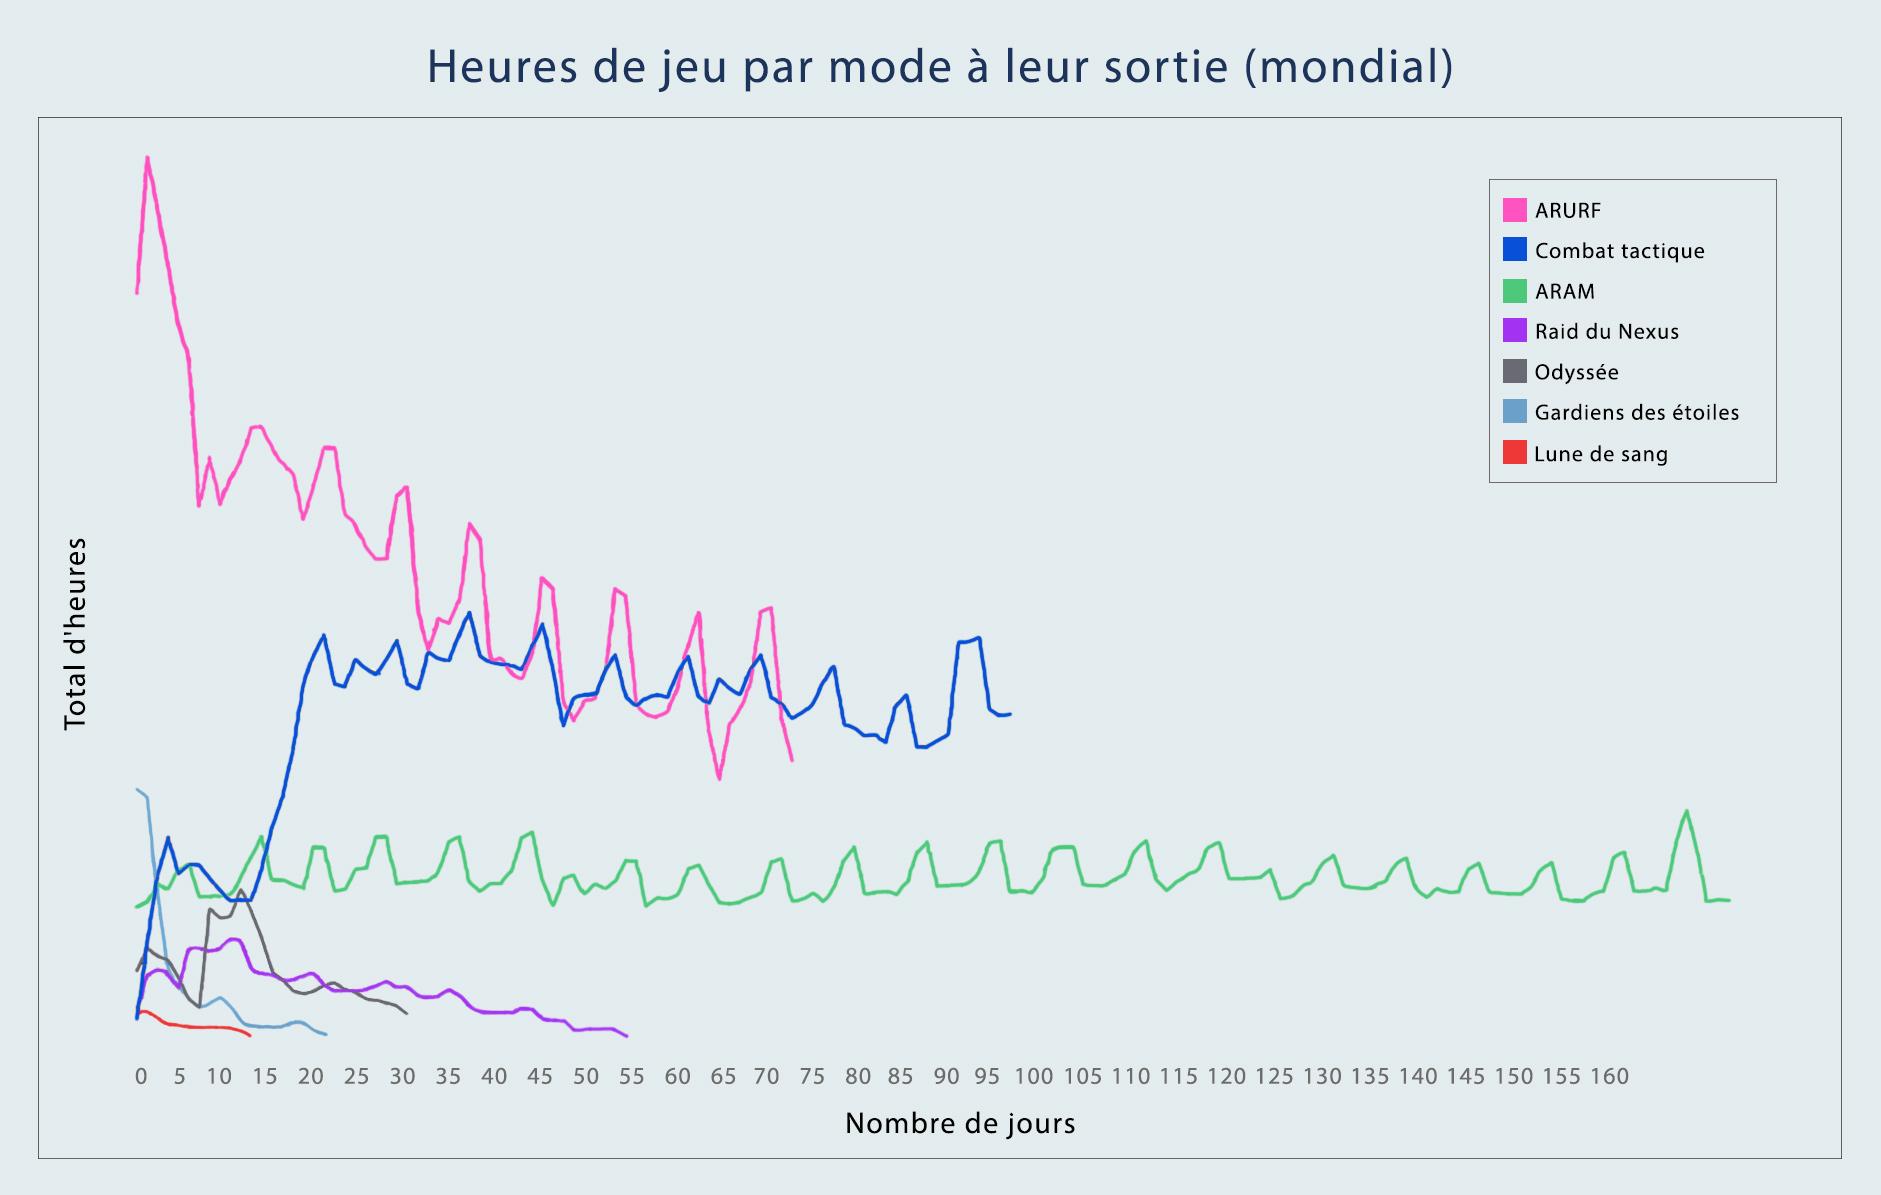 Ce graphique représente le nombre total d'heures jouées par mode après leur parution.